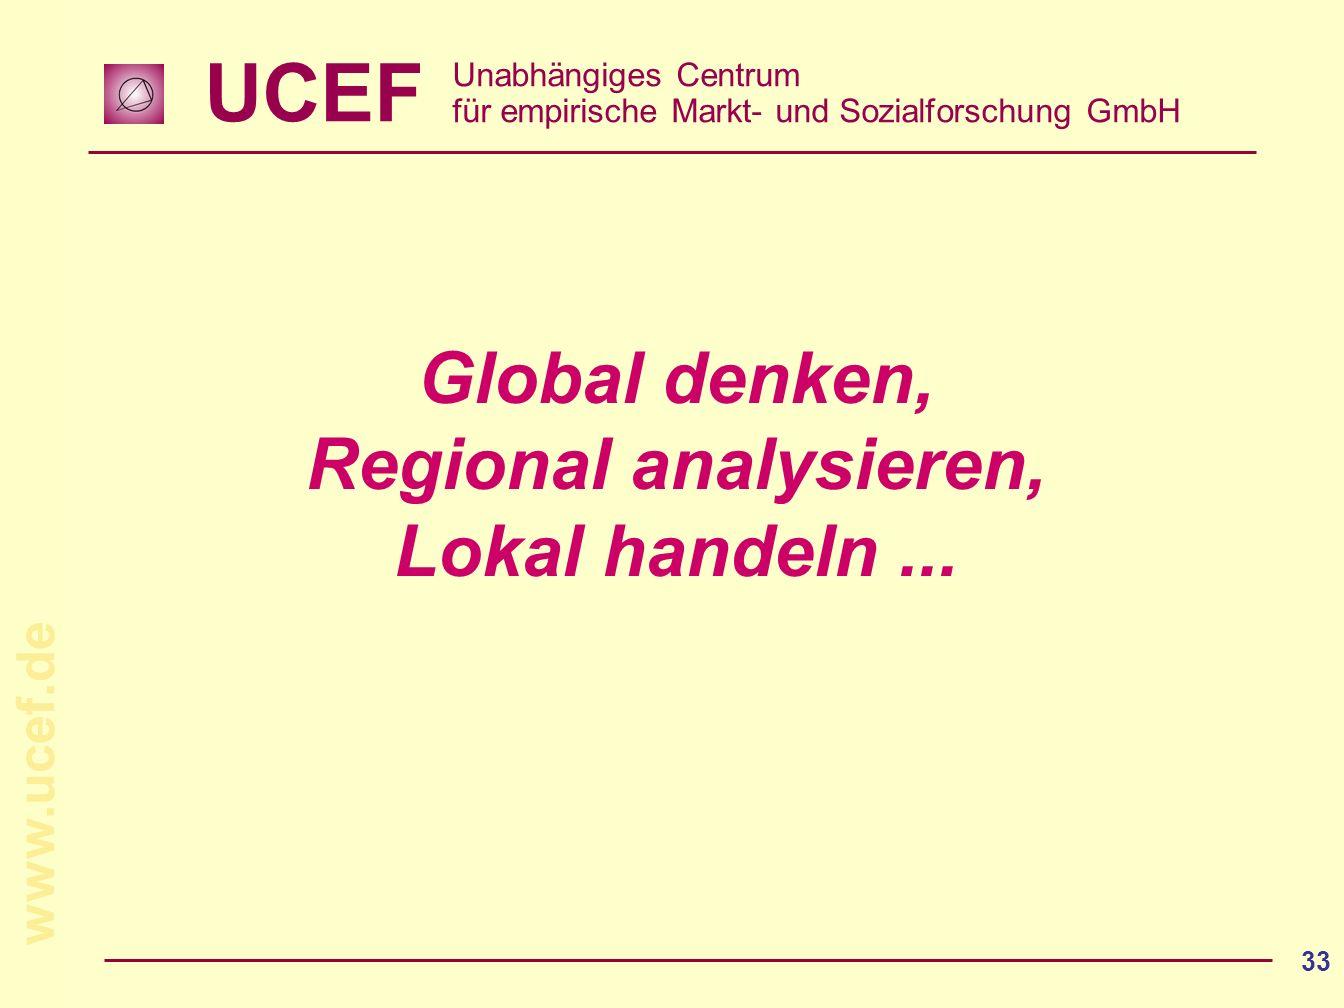 UCEF Unabhängiges Centrum für empirische Markt- und Sozialforschung GmbH www.ucef.de 33 Global denken, Regional analysieren, Lokal handeln...